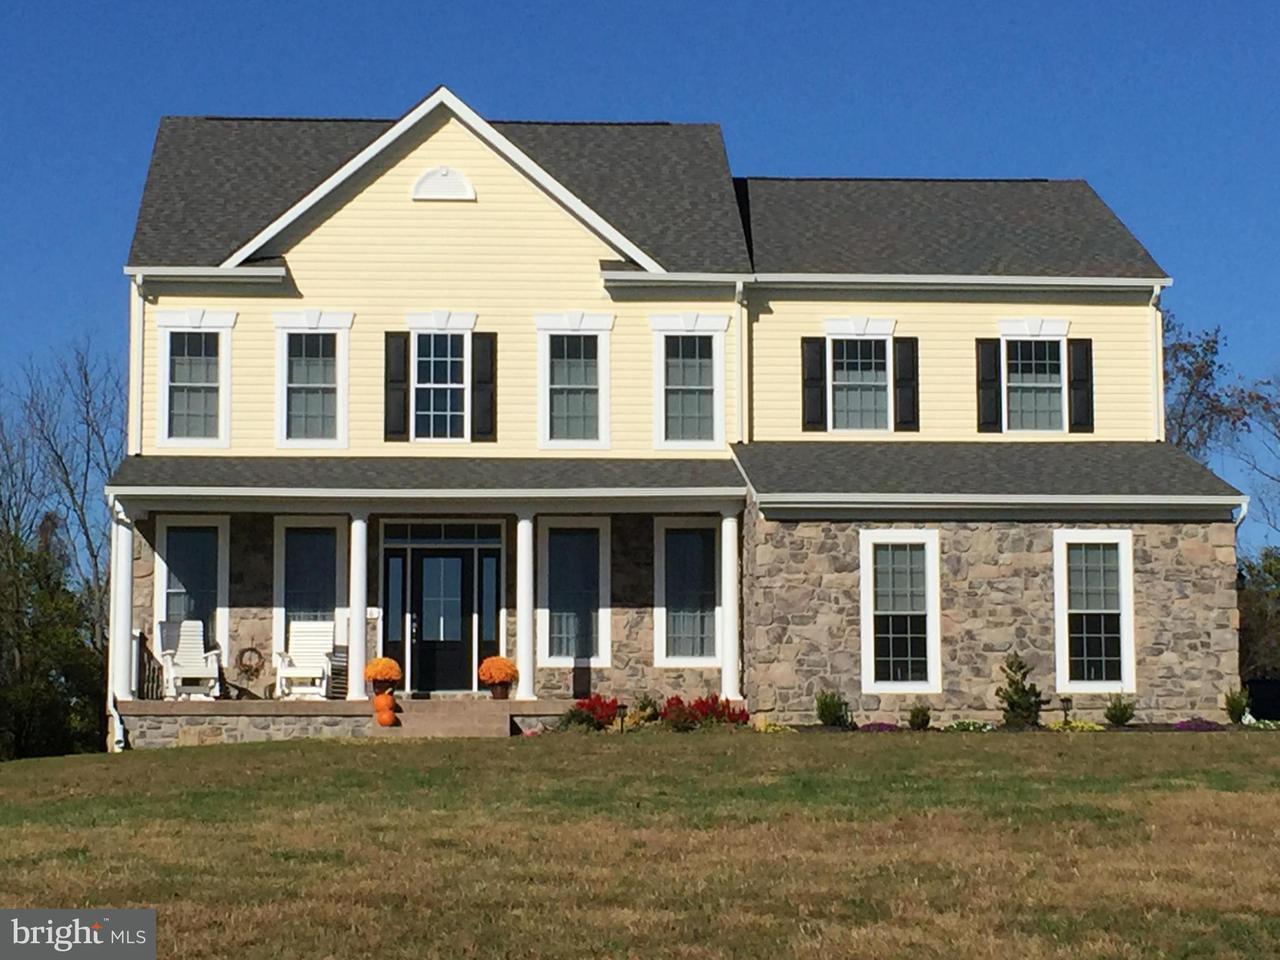 獨棟家庭住宅 為 出售 在 1707 Jarrettsville Road 1707 Jarrettsville Road Jarrettsville, 馬里蘭州 21084 美國